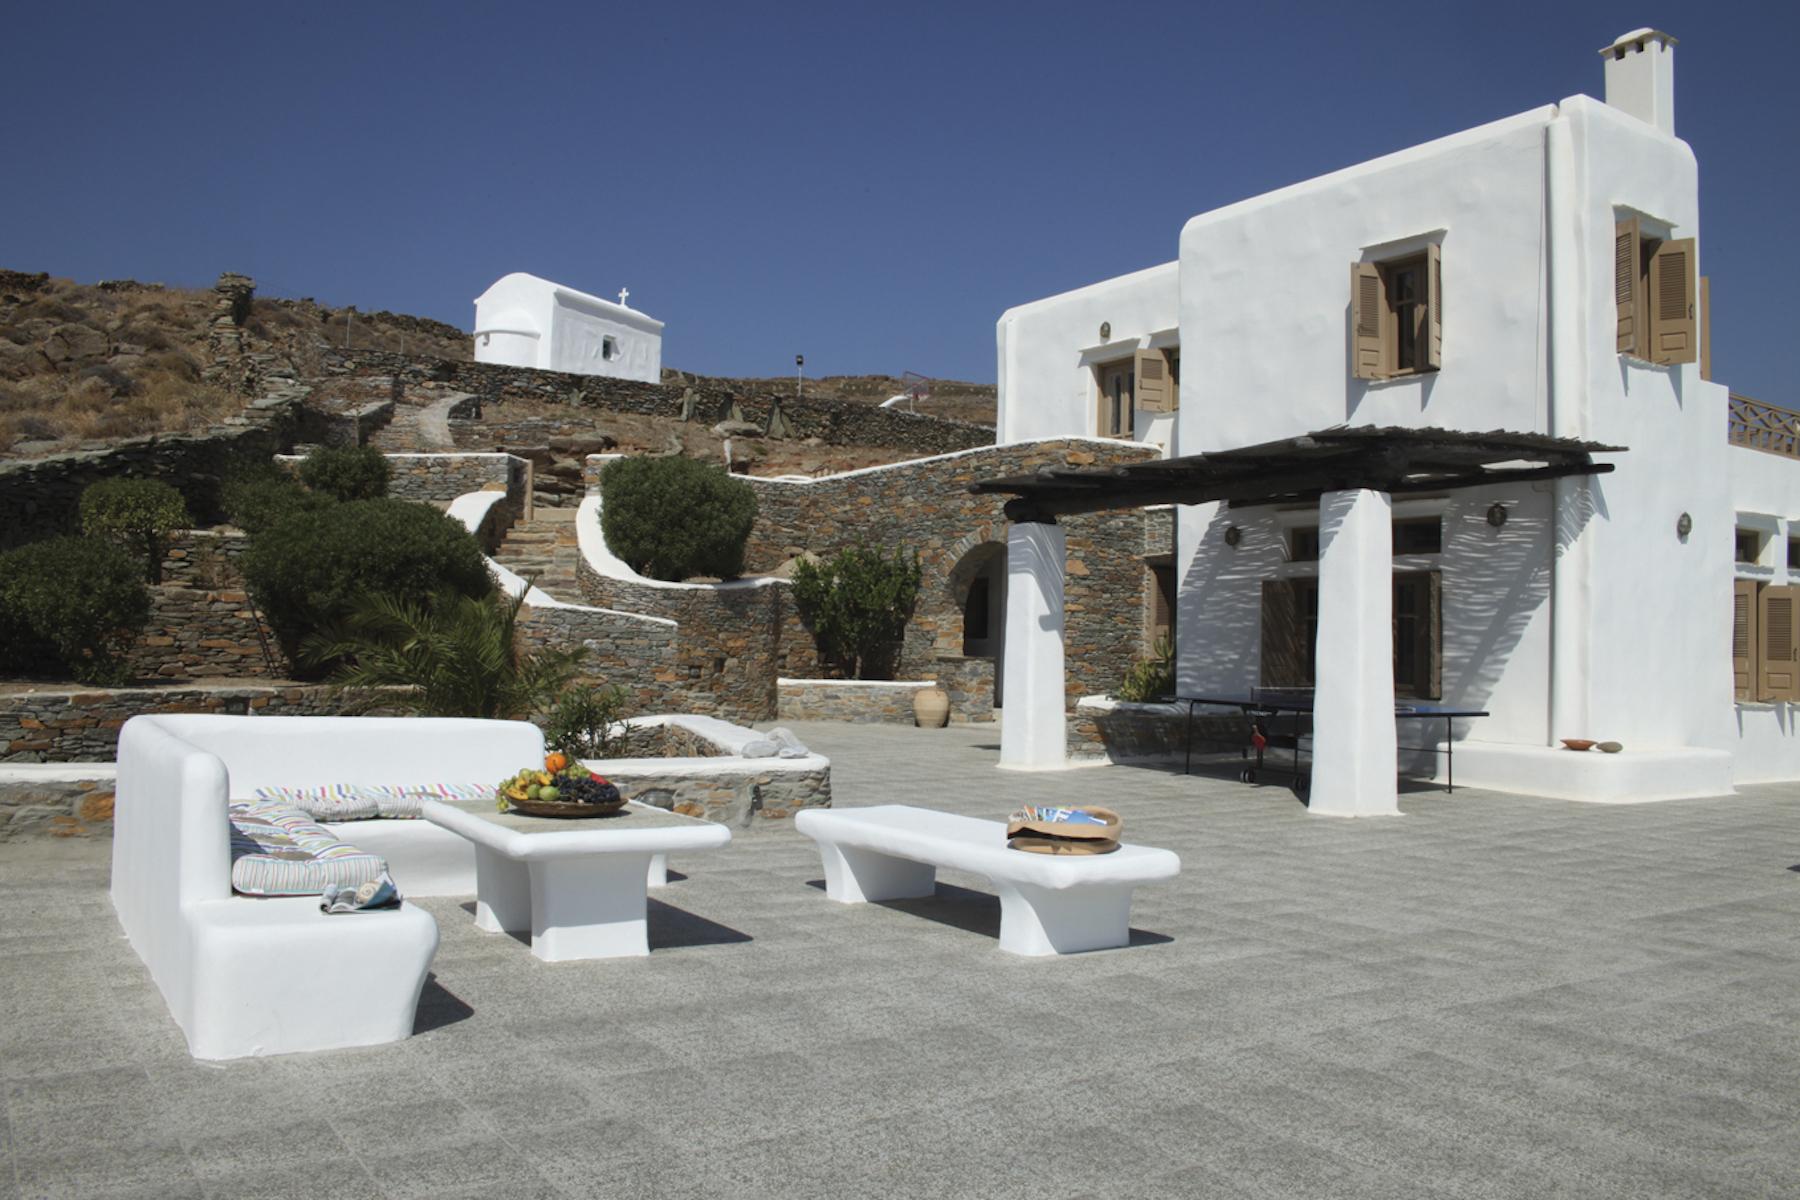 独户住宅 为 销售 在 Soul habitat Kythnos Soul Habitat, Kythnos, 基克拉迪群岛, 84006 希腊